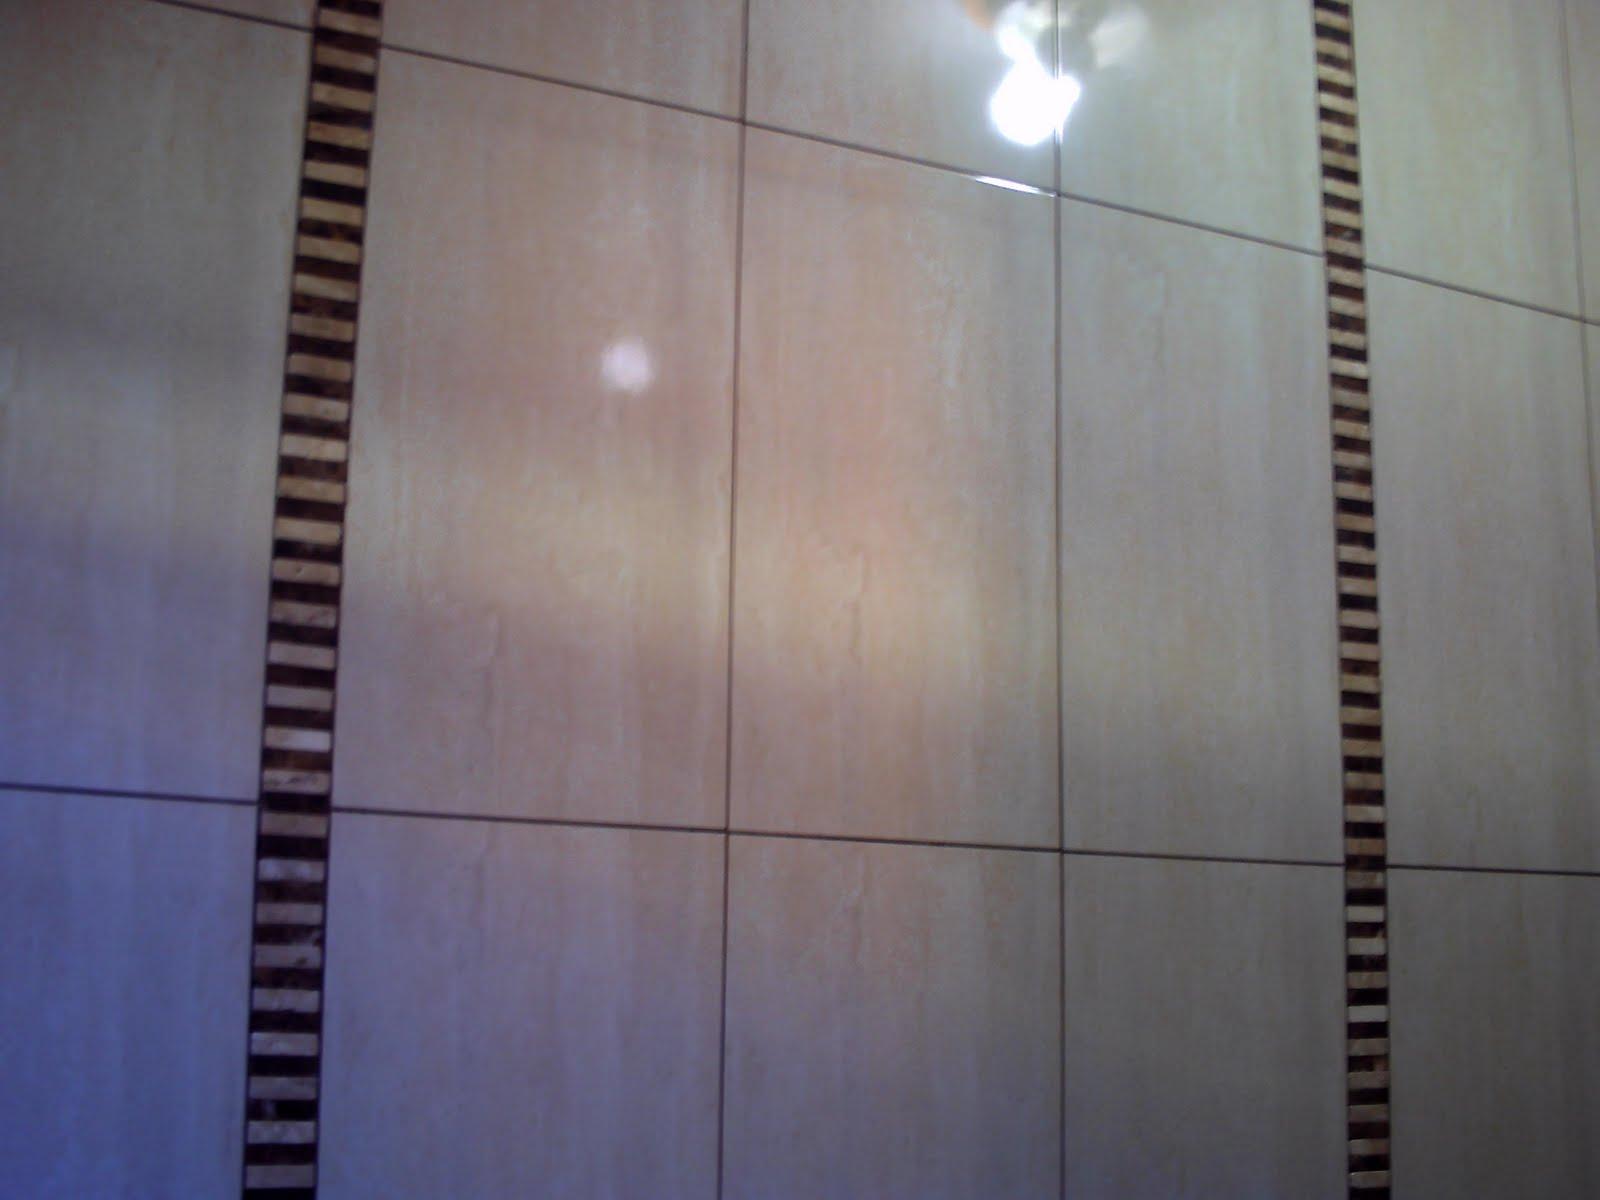 DON&ART CONSTRUÇÕES: FAIXAS DECORATIVAS #4C517F 1600x1200 Banheiro Branco Com Faixa